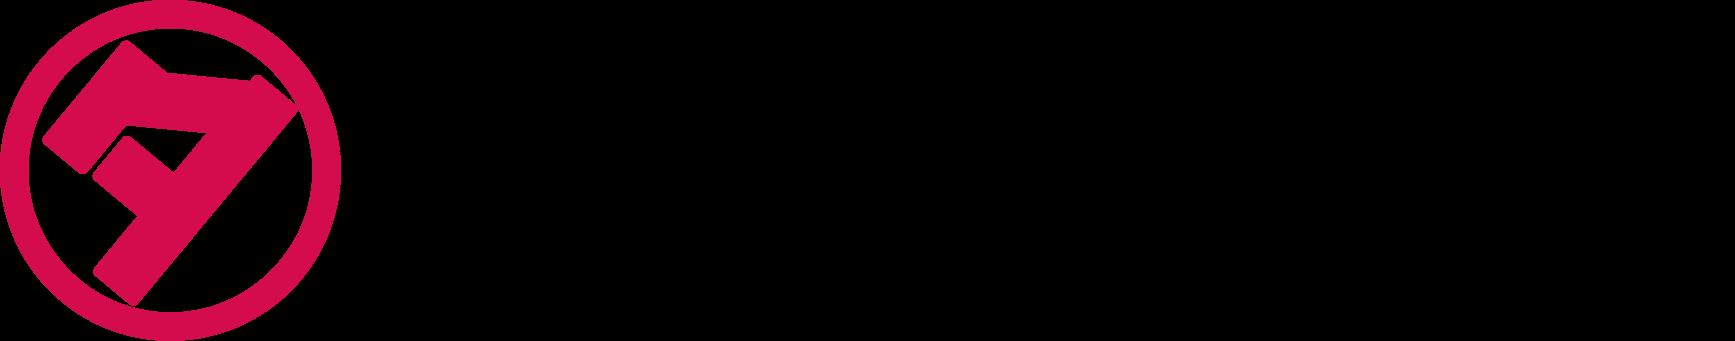 タクト工芸株式会社